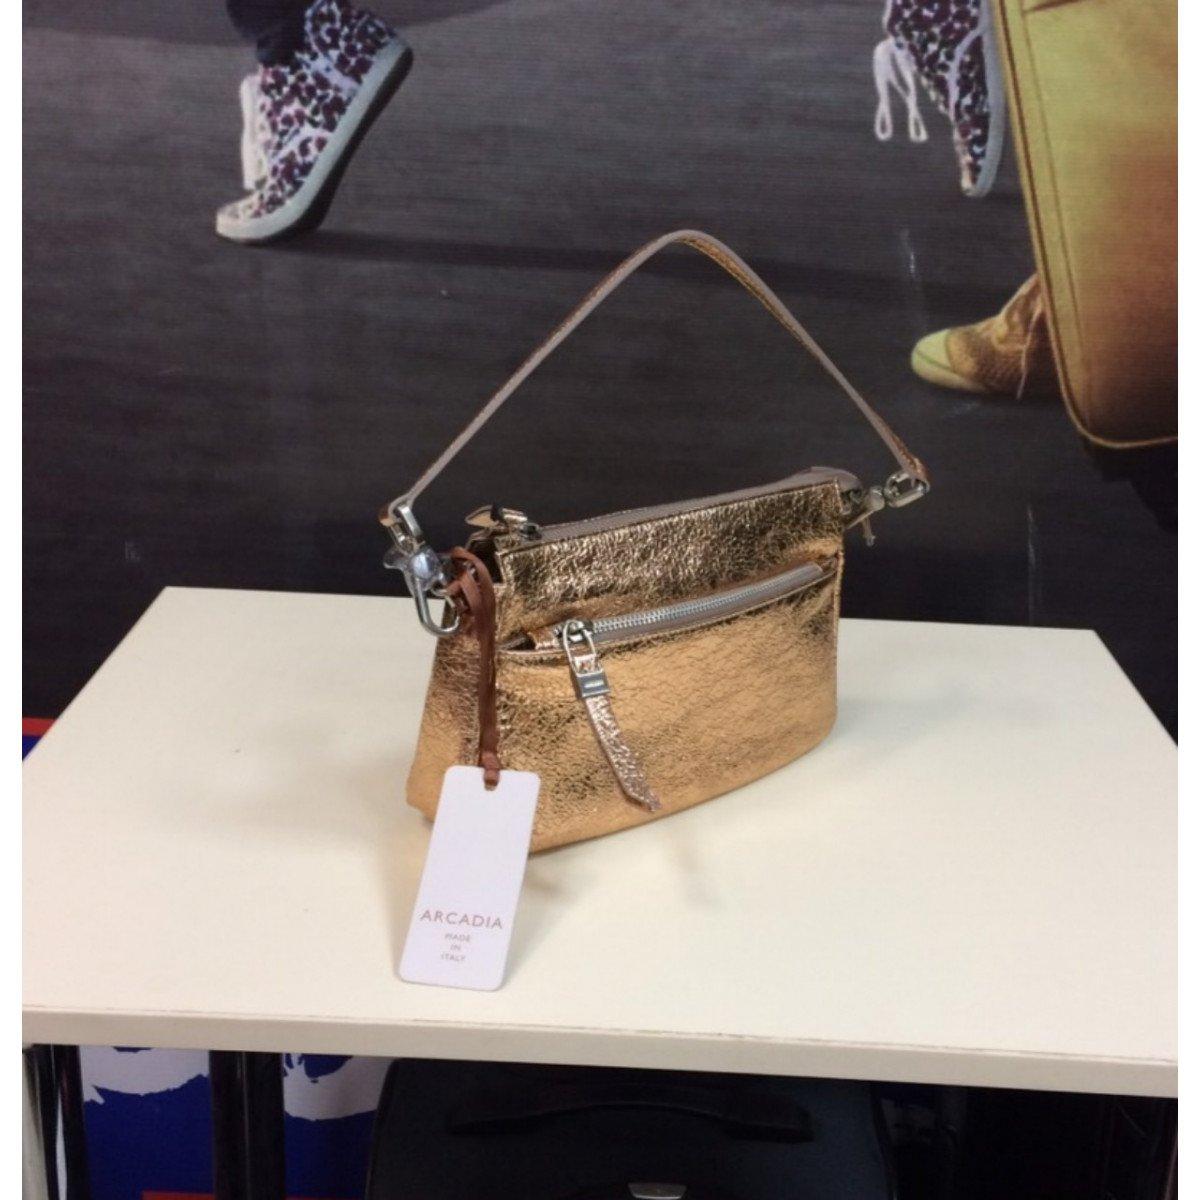 Женская кожаная сумка Arcadia 8709 mir rosa из натуральной кожи